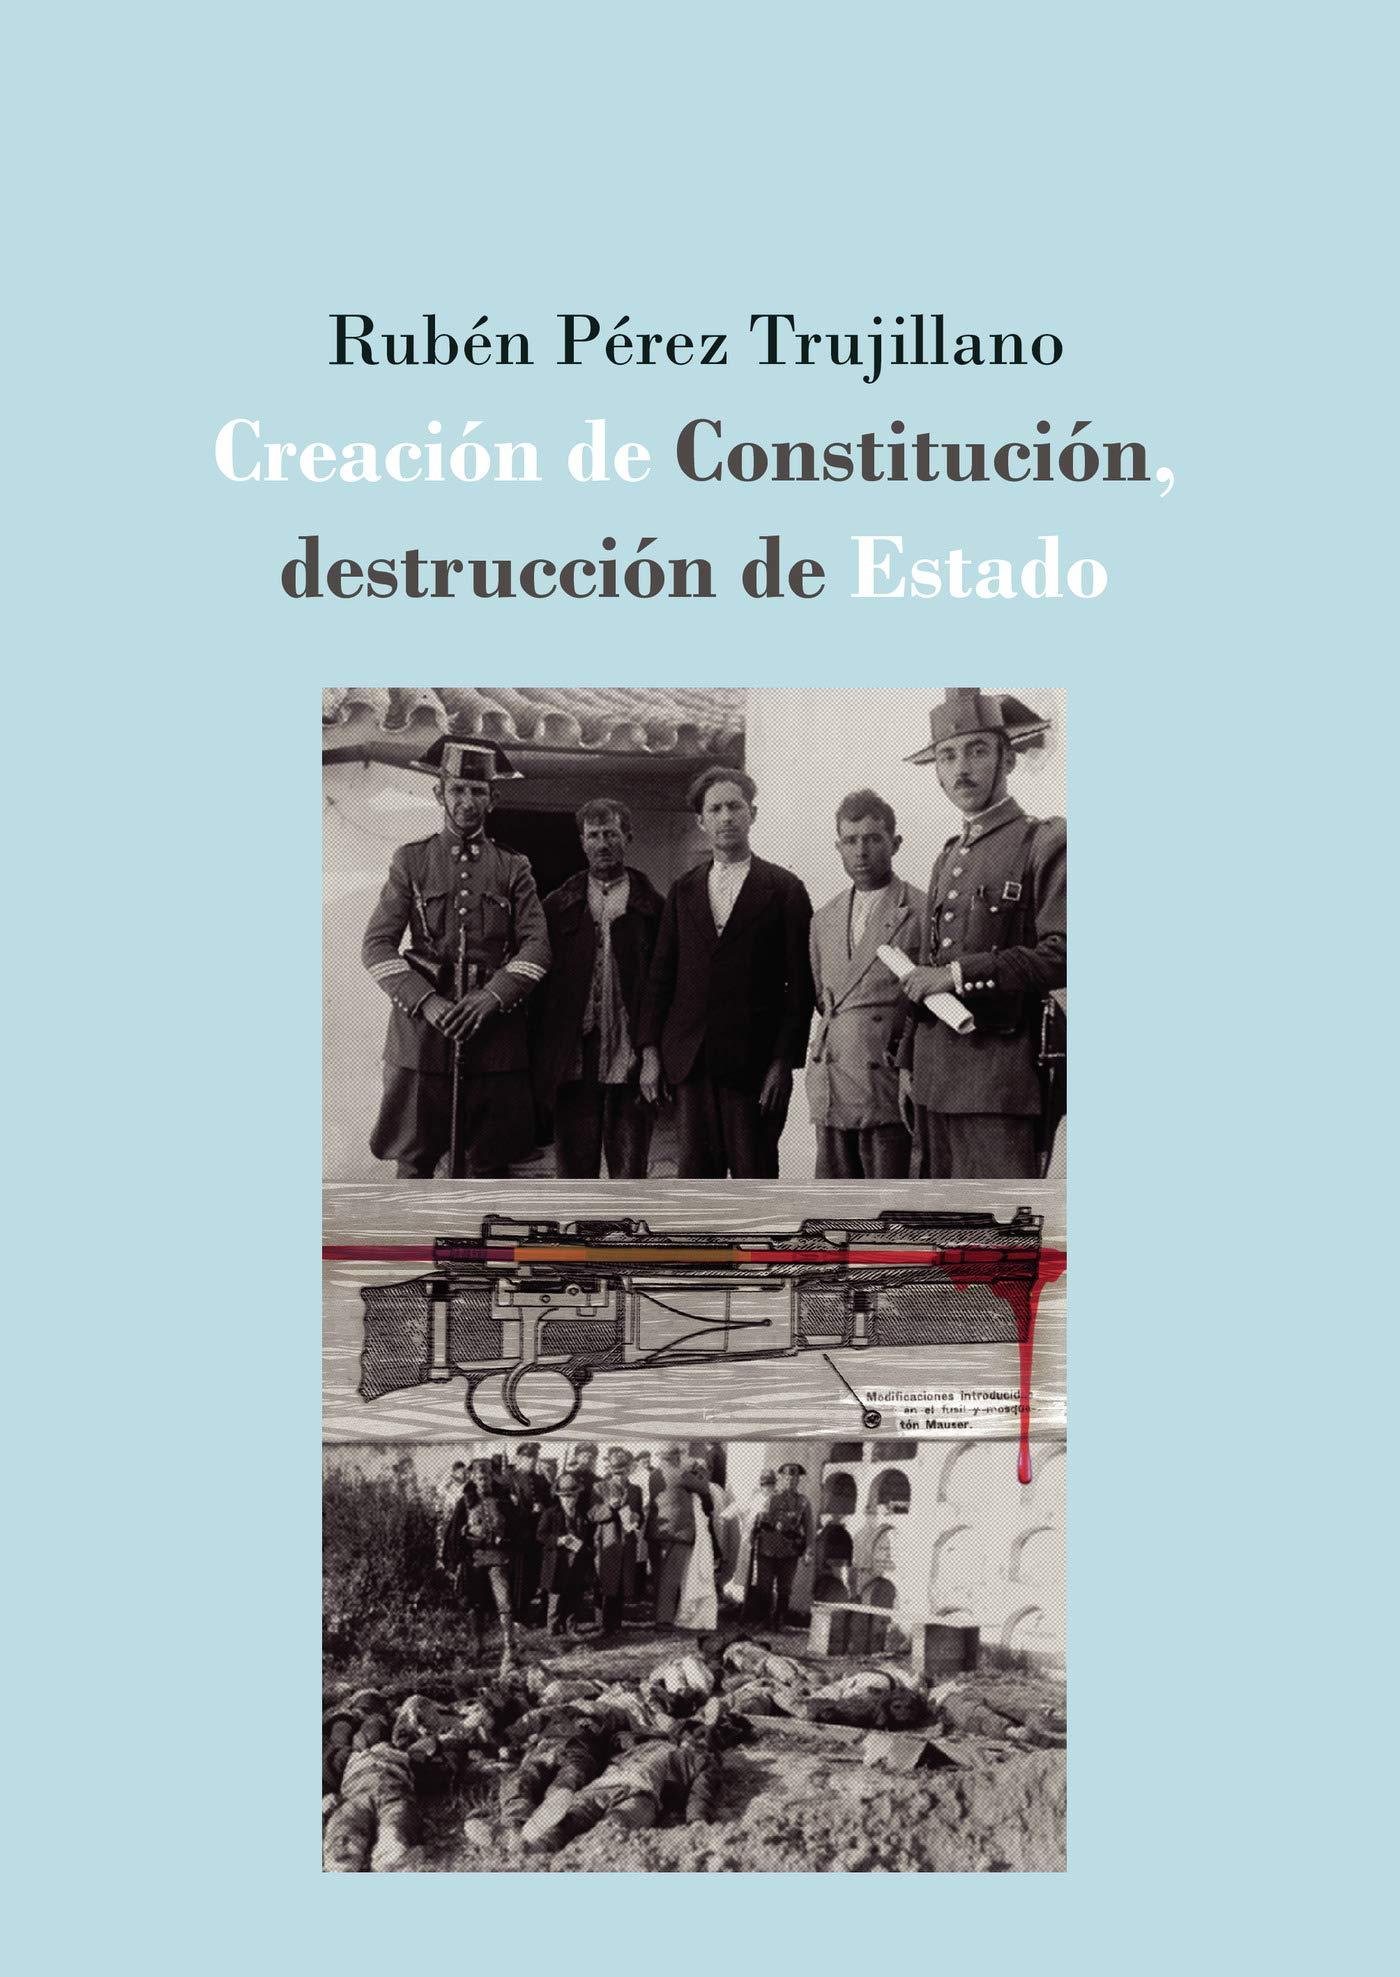 Creación de Constitución, destrucción de Estado: la defensa extraordinaria de la II República española 1931-1936: Amazon.es: Pérez Trujillano, Rubén: Libros